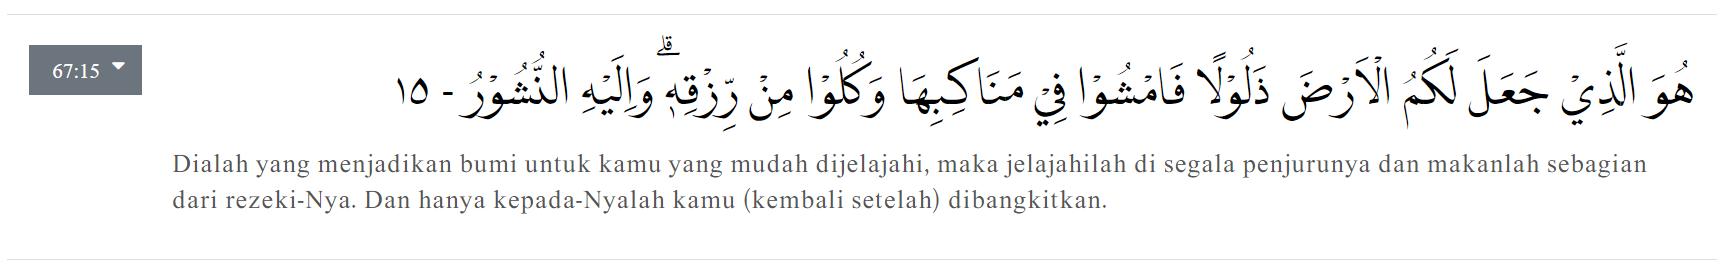 Al-Mulk ayat 15 Kewirausahaan